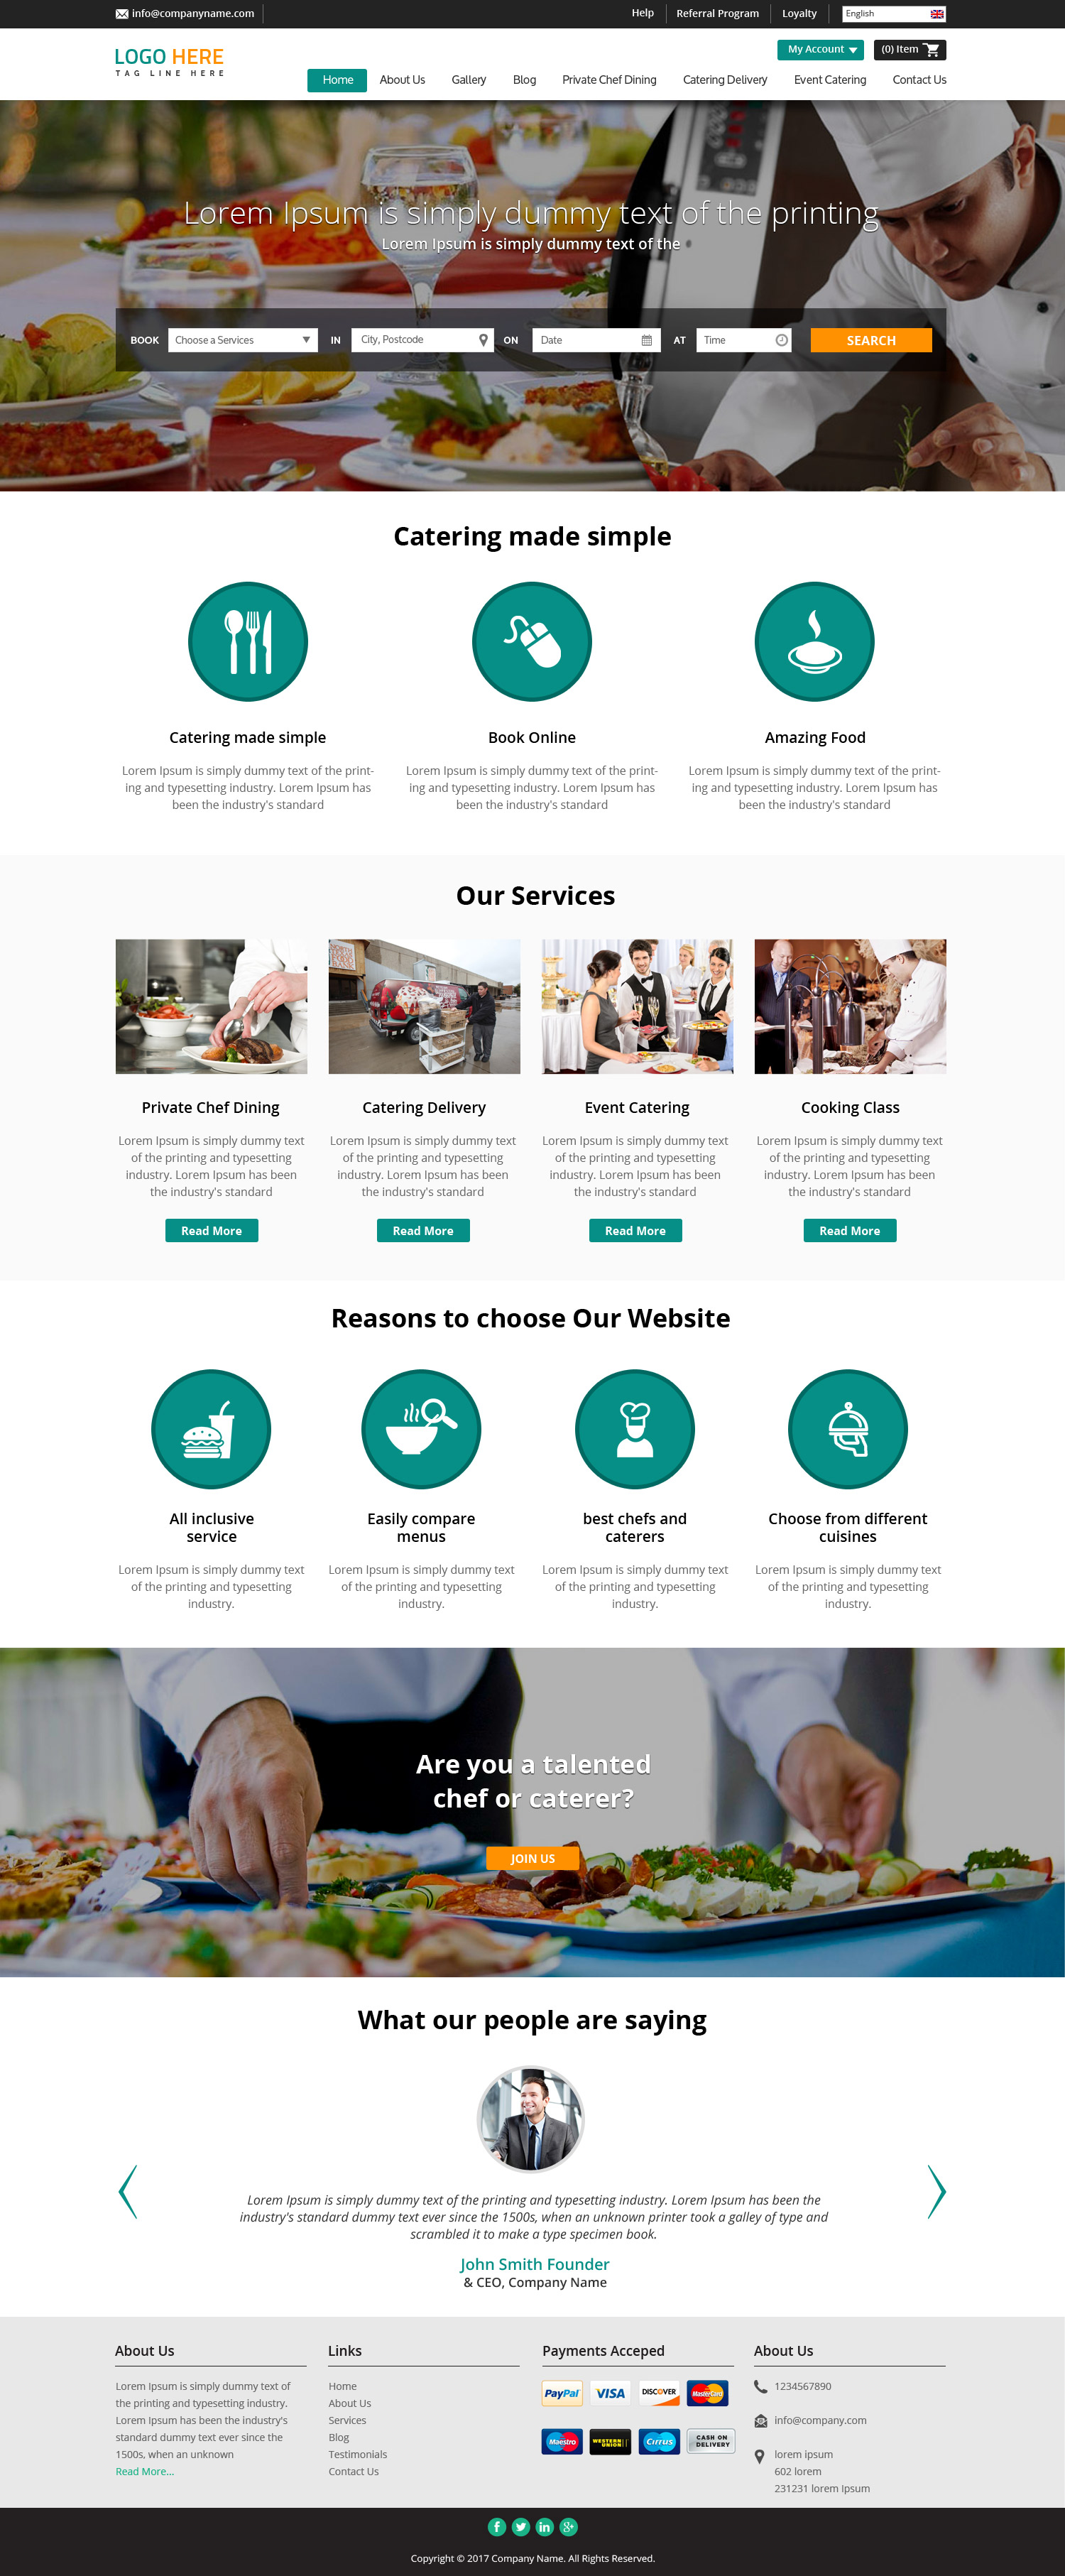 Free psd design restaurant website template